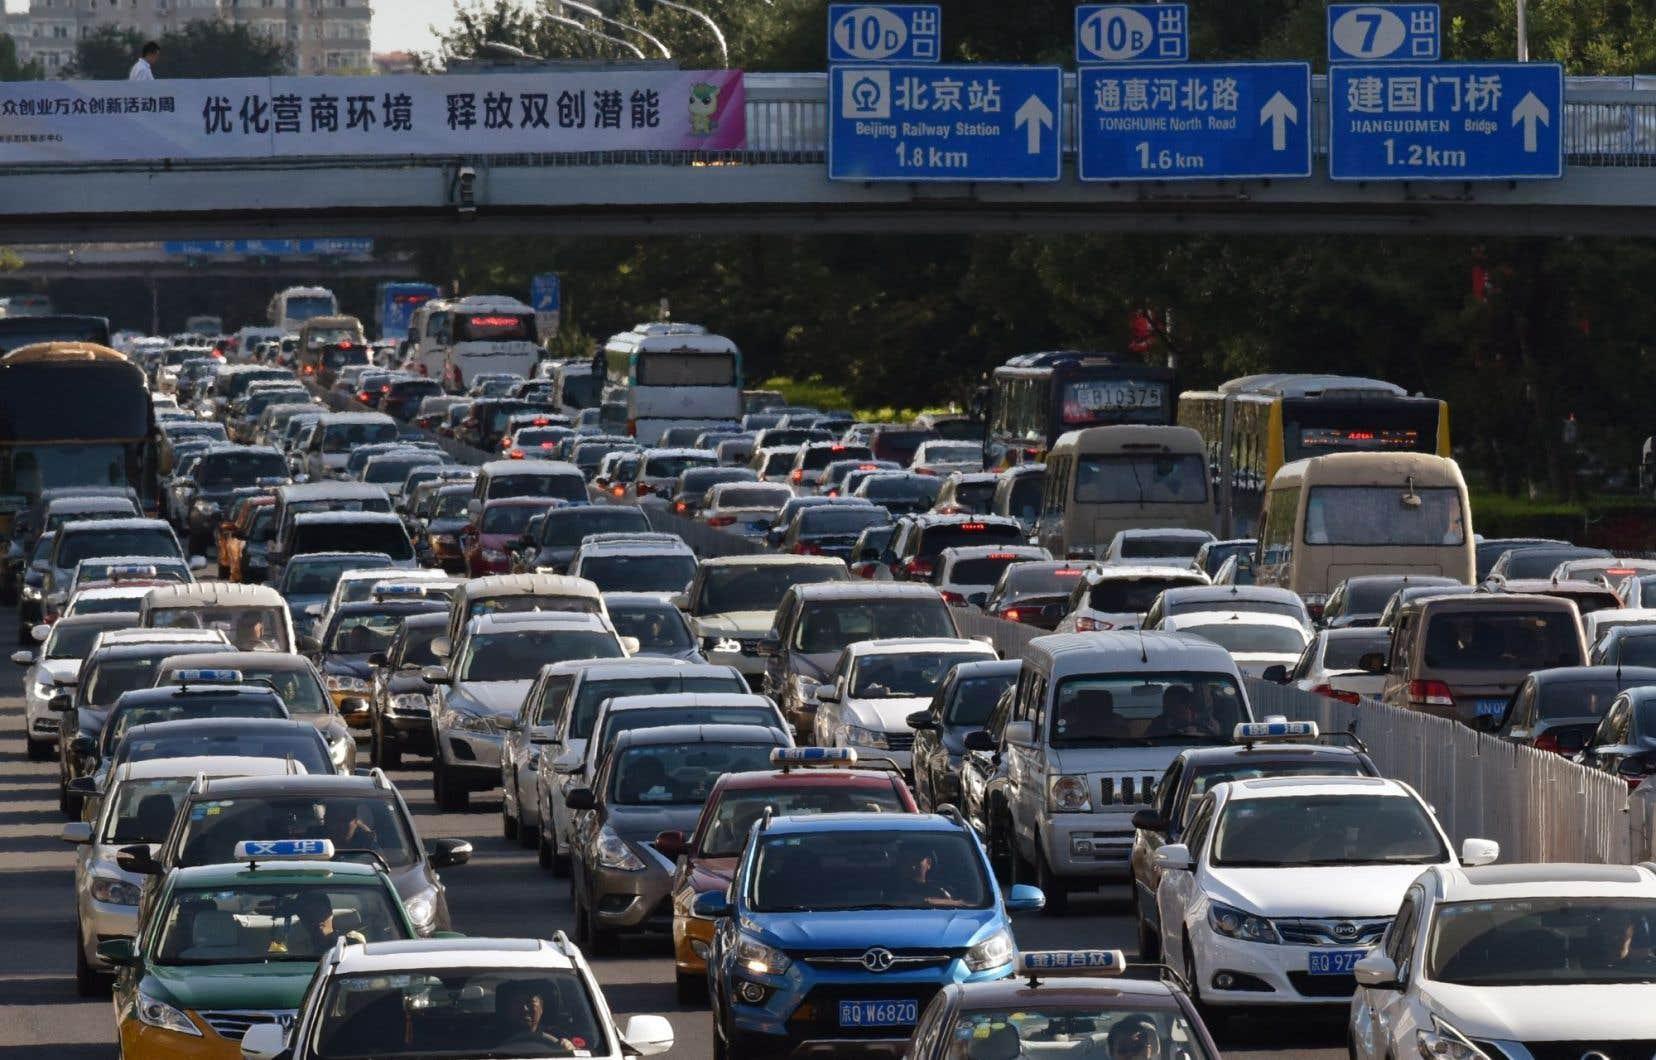 Pékin serait-il prêt à emboîter le pas à la France et au Royaume-Uni, qui ont récemment dévoilé leur intention d'interdire la vente des voitures diesel ou essence sur leurs marchés d'ici 2040 ?